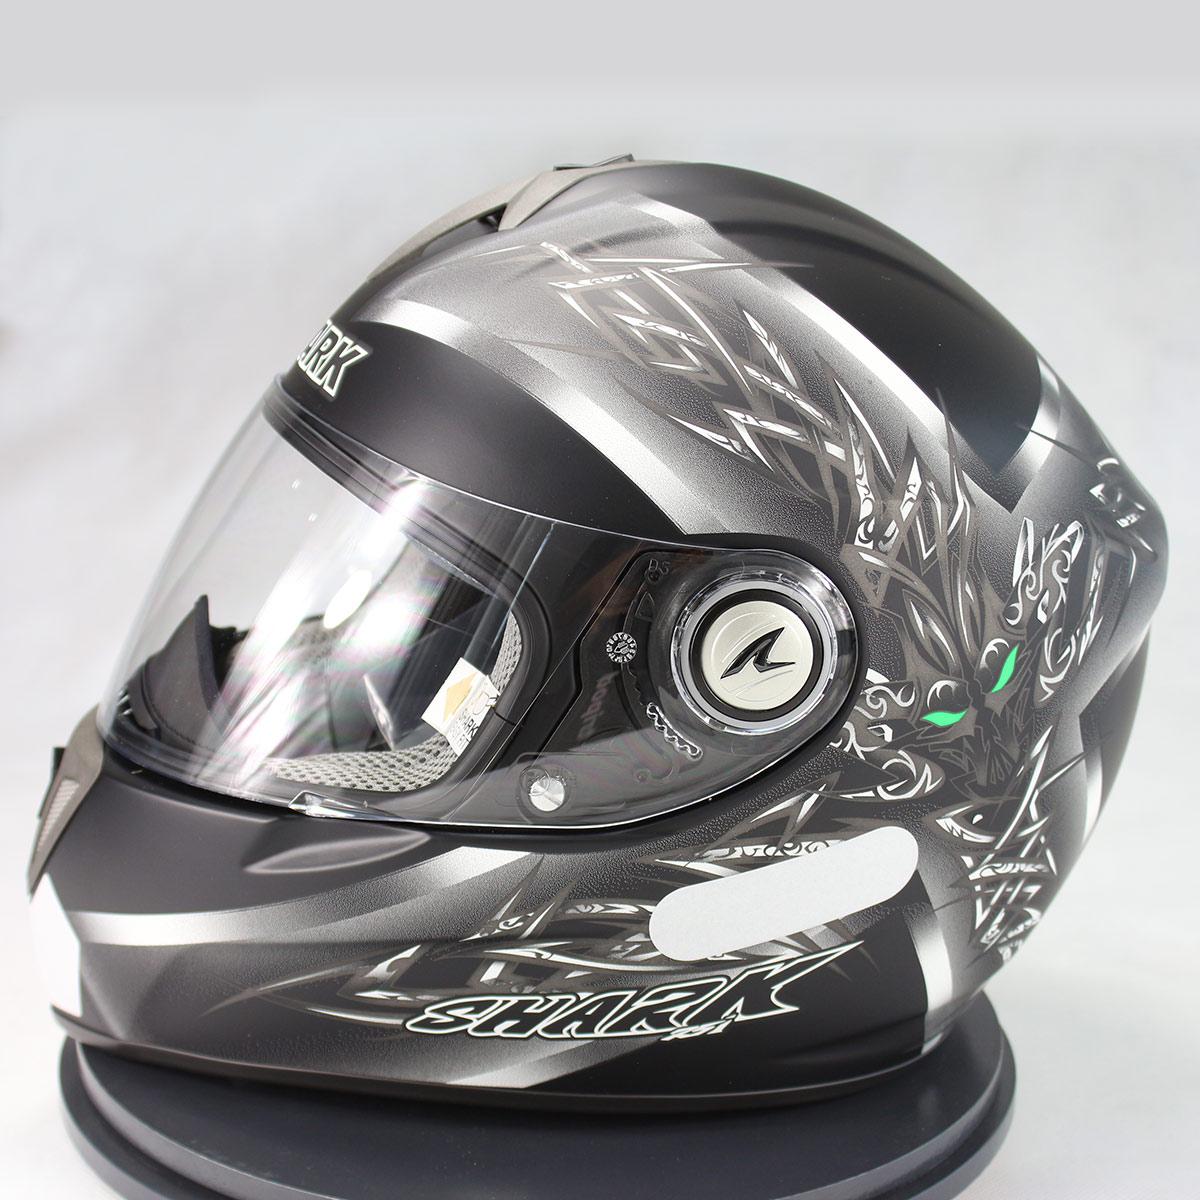 Capacete Shark RSI Thethys Mat KSA  - Nova Suzuki Motos e Acessórios